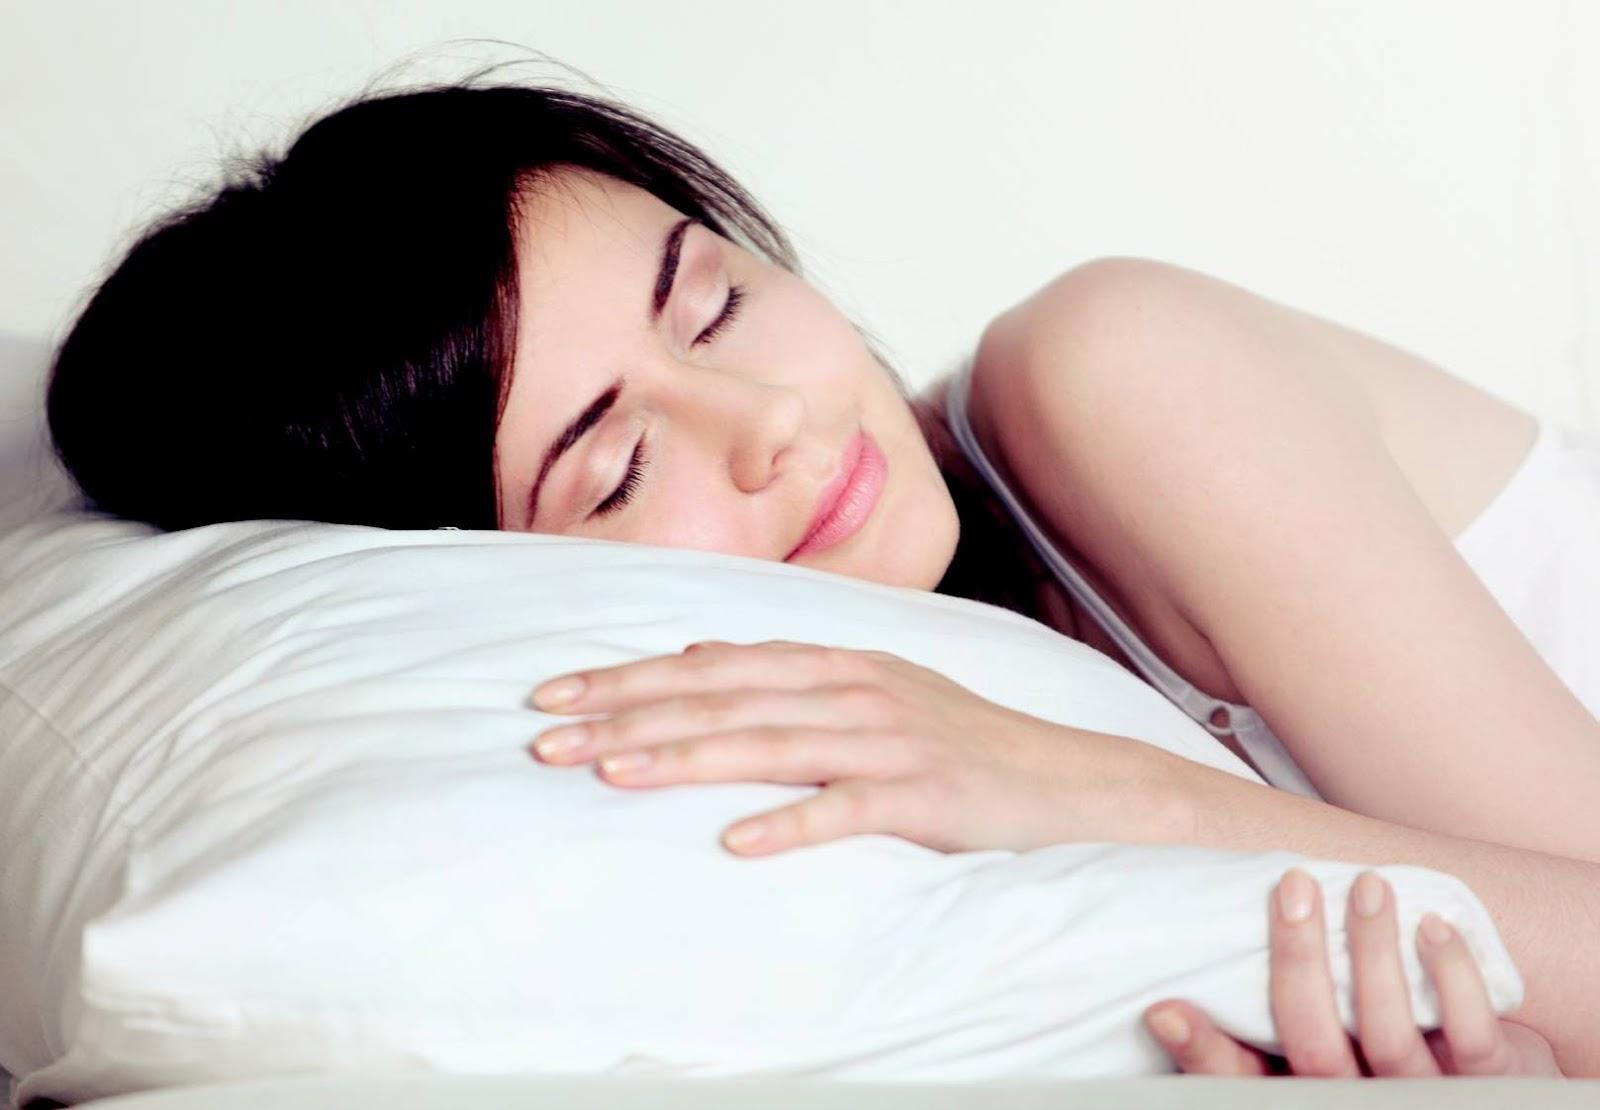 """BÀI HỌC THỨC TỈNH GIỚI TRẺ: """"Nữ giáo viên xinh đẹp bị ung thư gan giai đoạn cuối vì thức khuya"""" 2"""